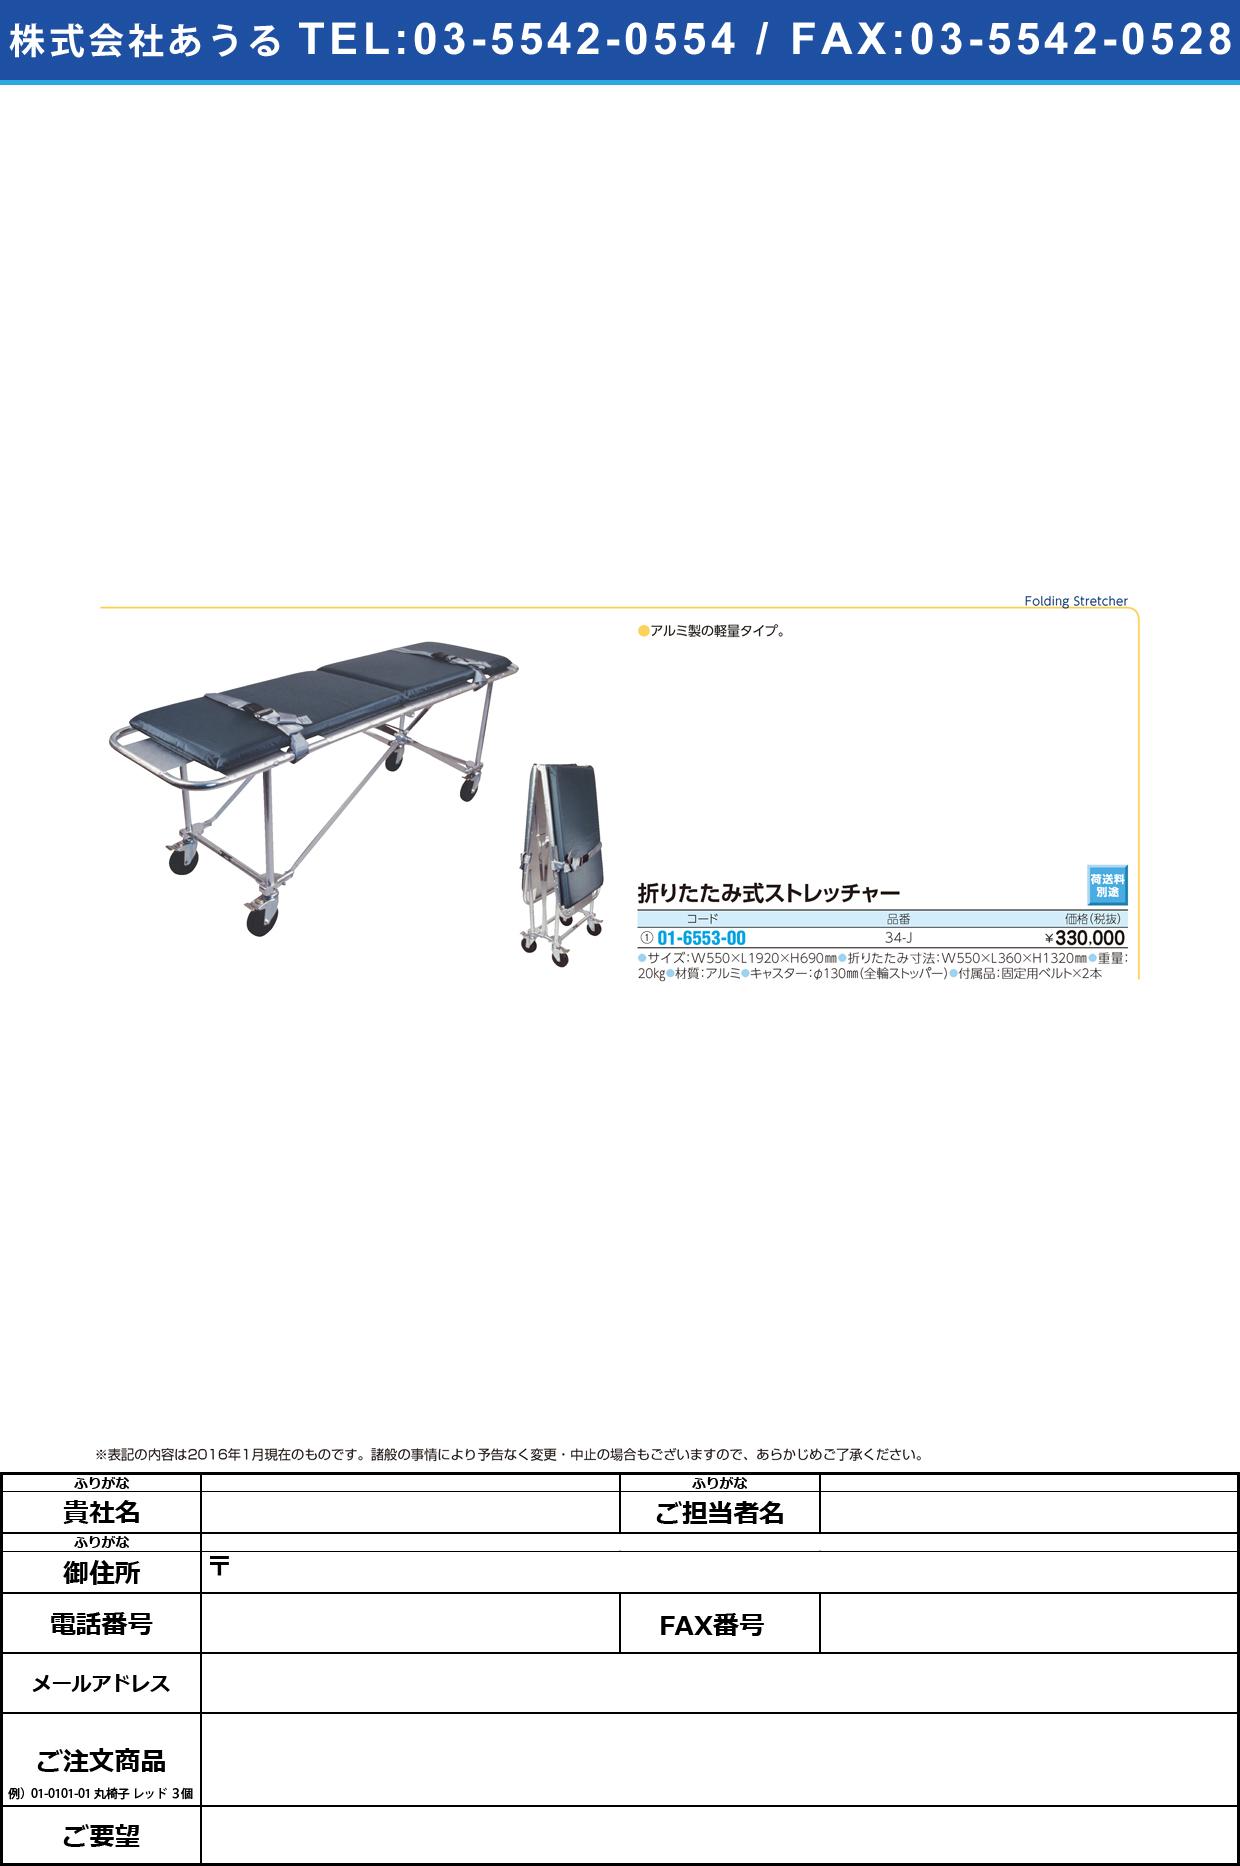 折りたたみ式ストレッチャー   オリタタミシキストレッチャー 34-J【1台単位】